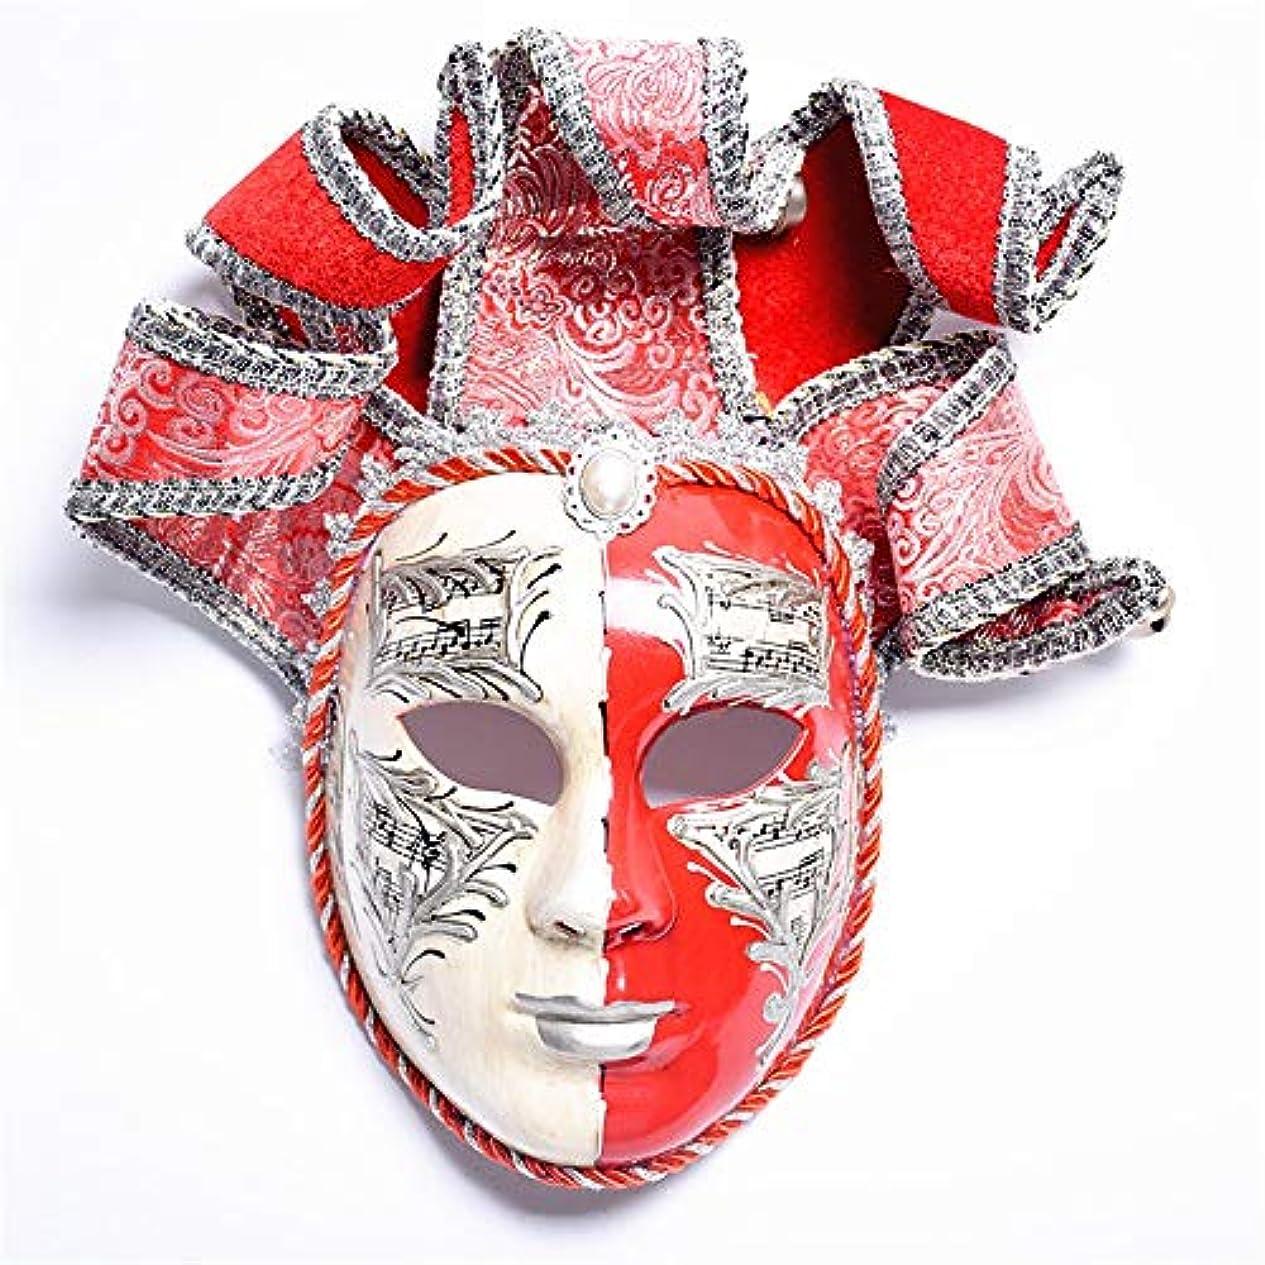 古代ちなみにするだろうダンスマスク パーティーマスクフェスティバルコスプレハロウィン仮装フルフェイスマスクエッセンスナイトクラブパーティープラスチックマスクガールビューティーレディース ホリデーパーティー用品 (色 : Red+Silver,...